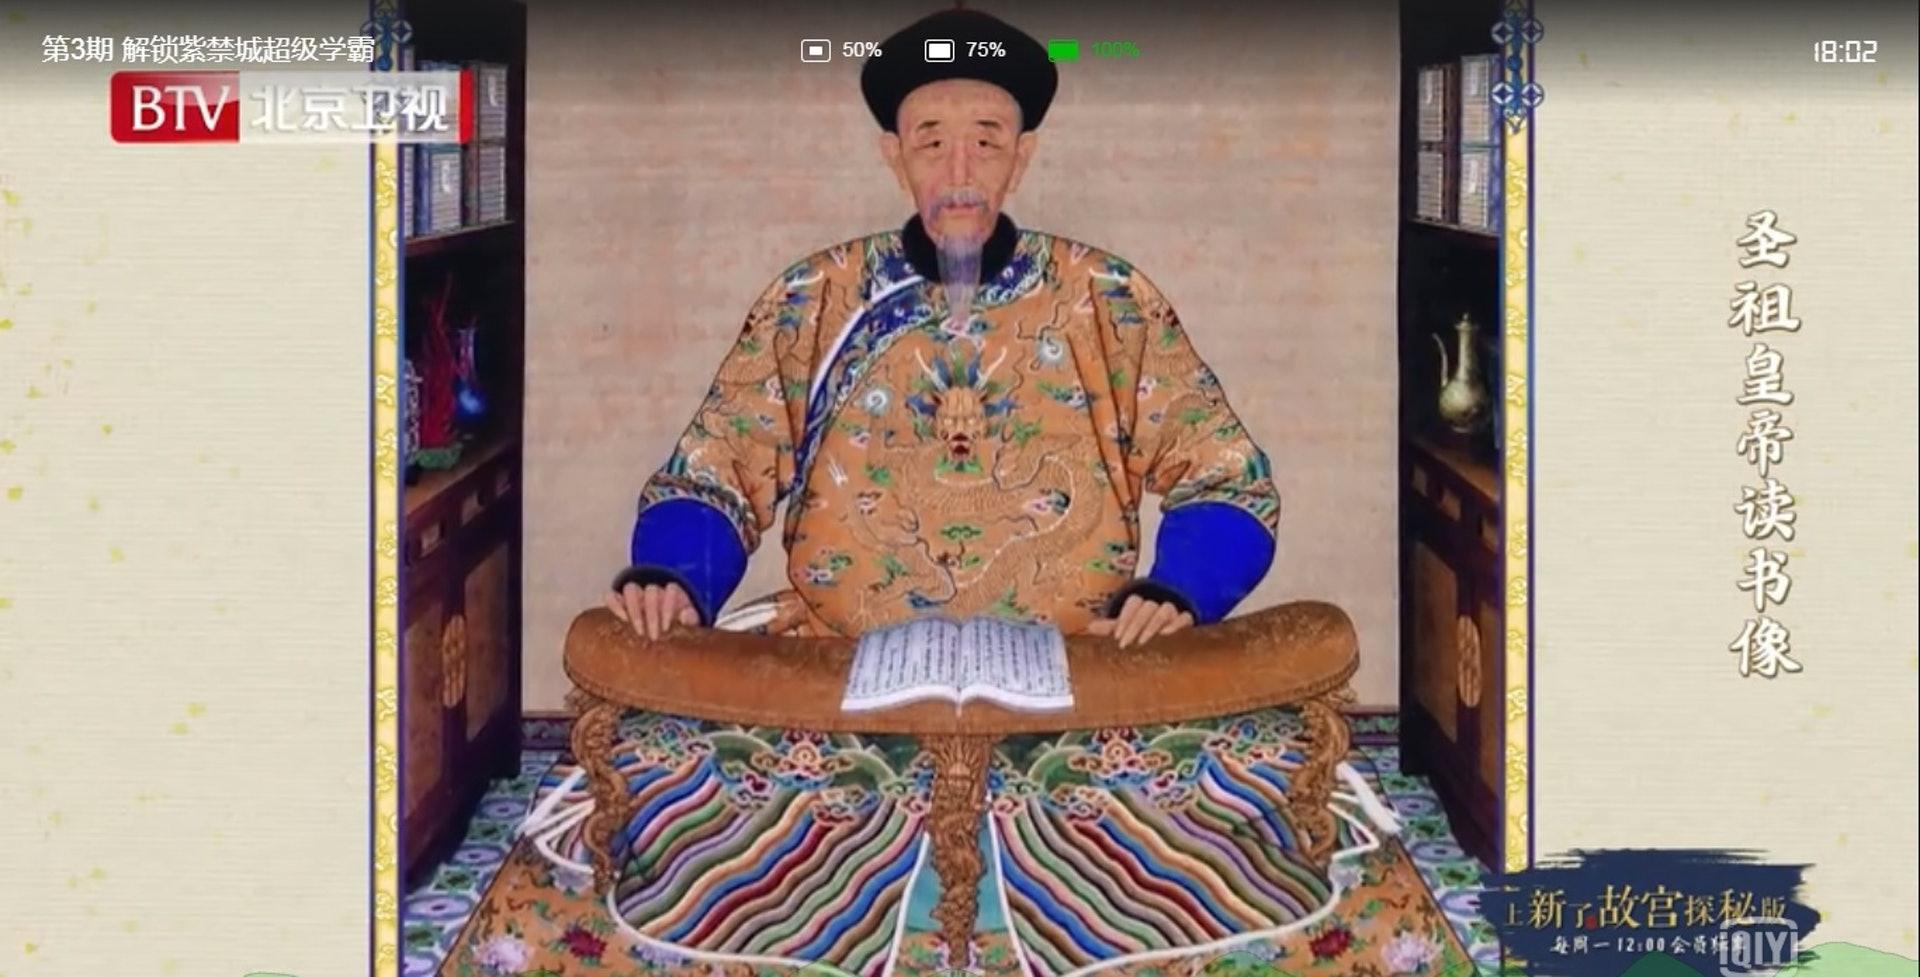 康熙帝請來外國老師教授幾何學及解剖學,被譽為首位皇帝科學家。(網上截圖)